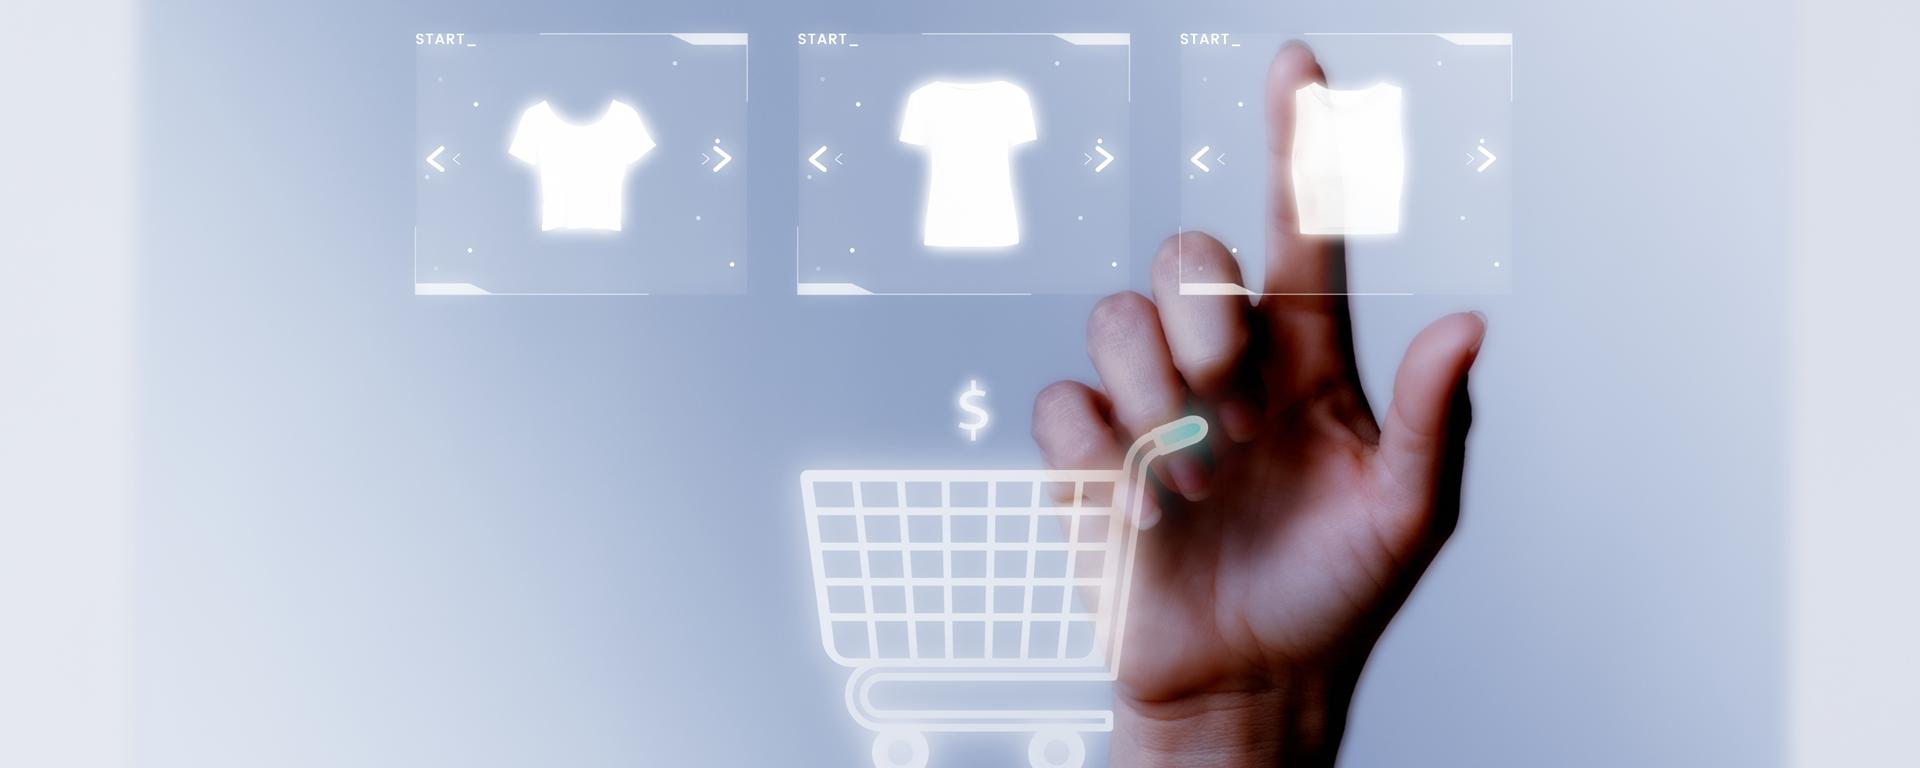 Veja dicas para montar um e-commerce e ganhar dinheiro com vendas on-line